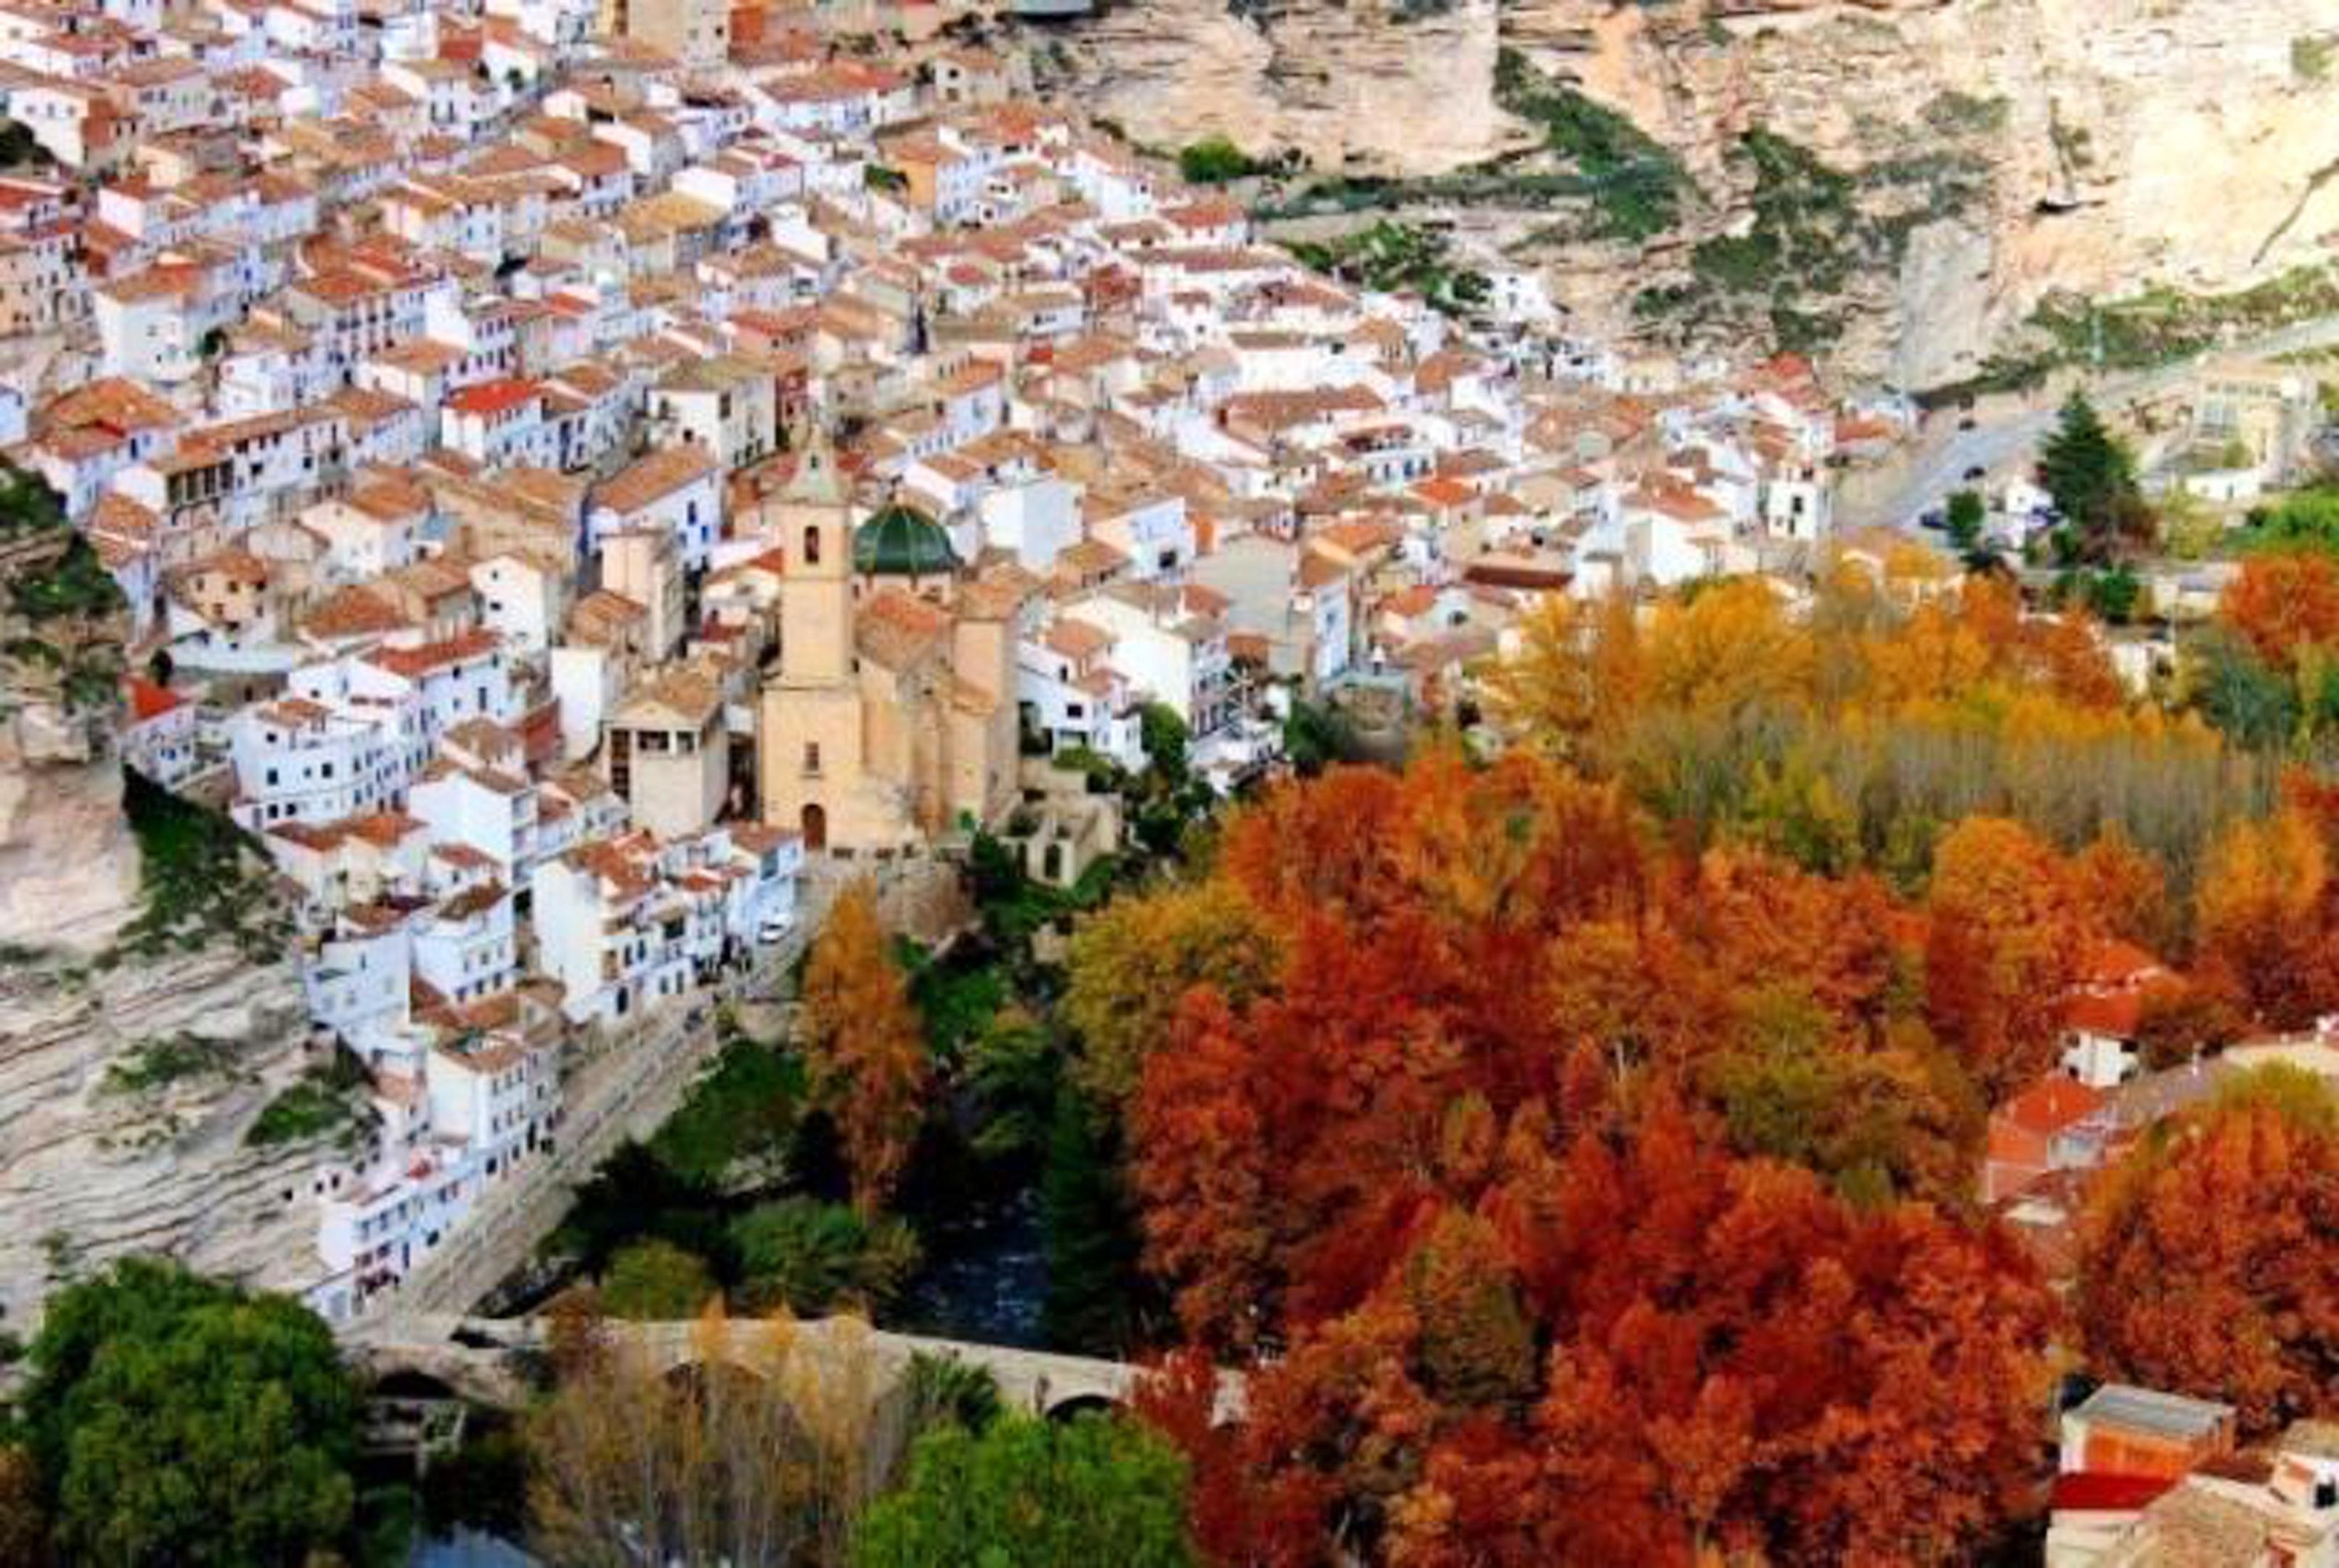 Ferienhaus Haus mit 5 Schlafzimmern in Casas del Cerro mit toller Aussicht auf die Berge und möbliert (2201517), Casas del Cerro, Albacete, Kastilien-La Mancha, Spanien, Bild 44